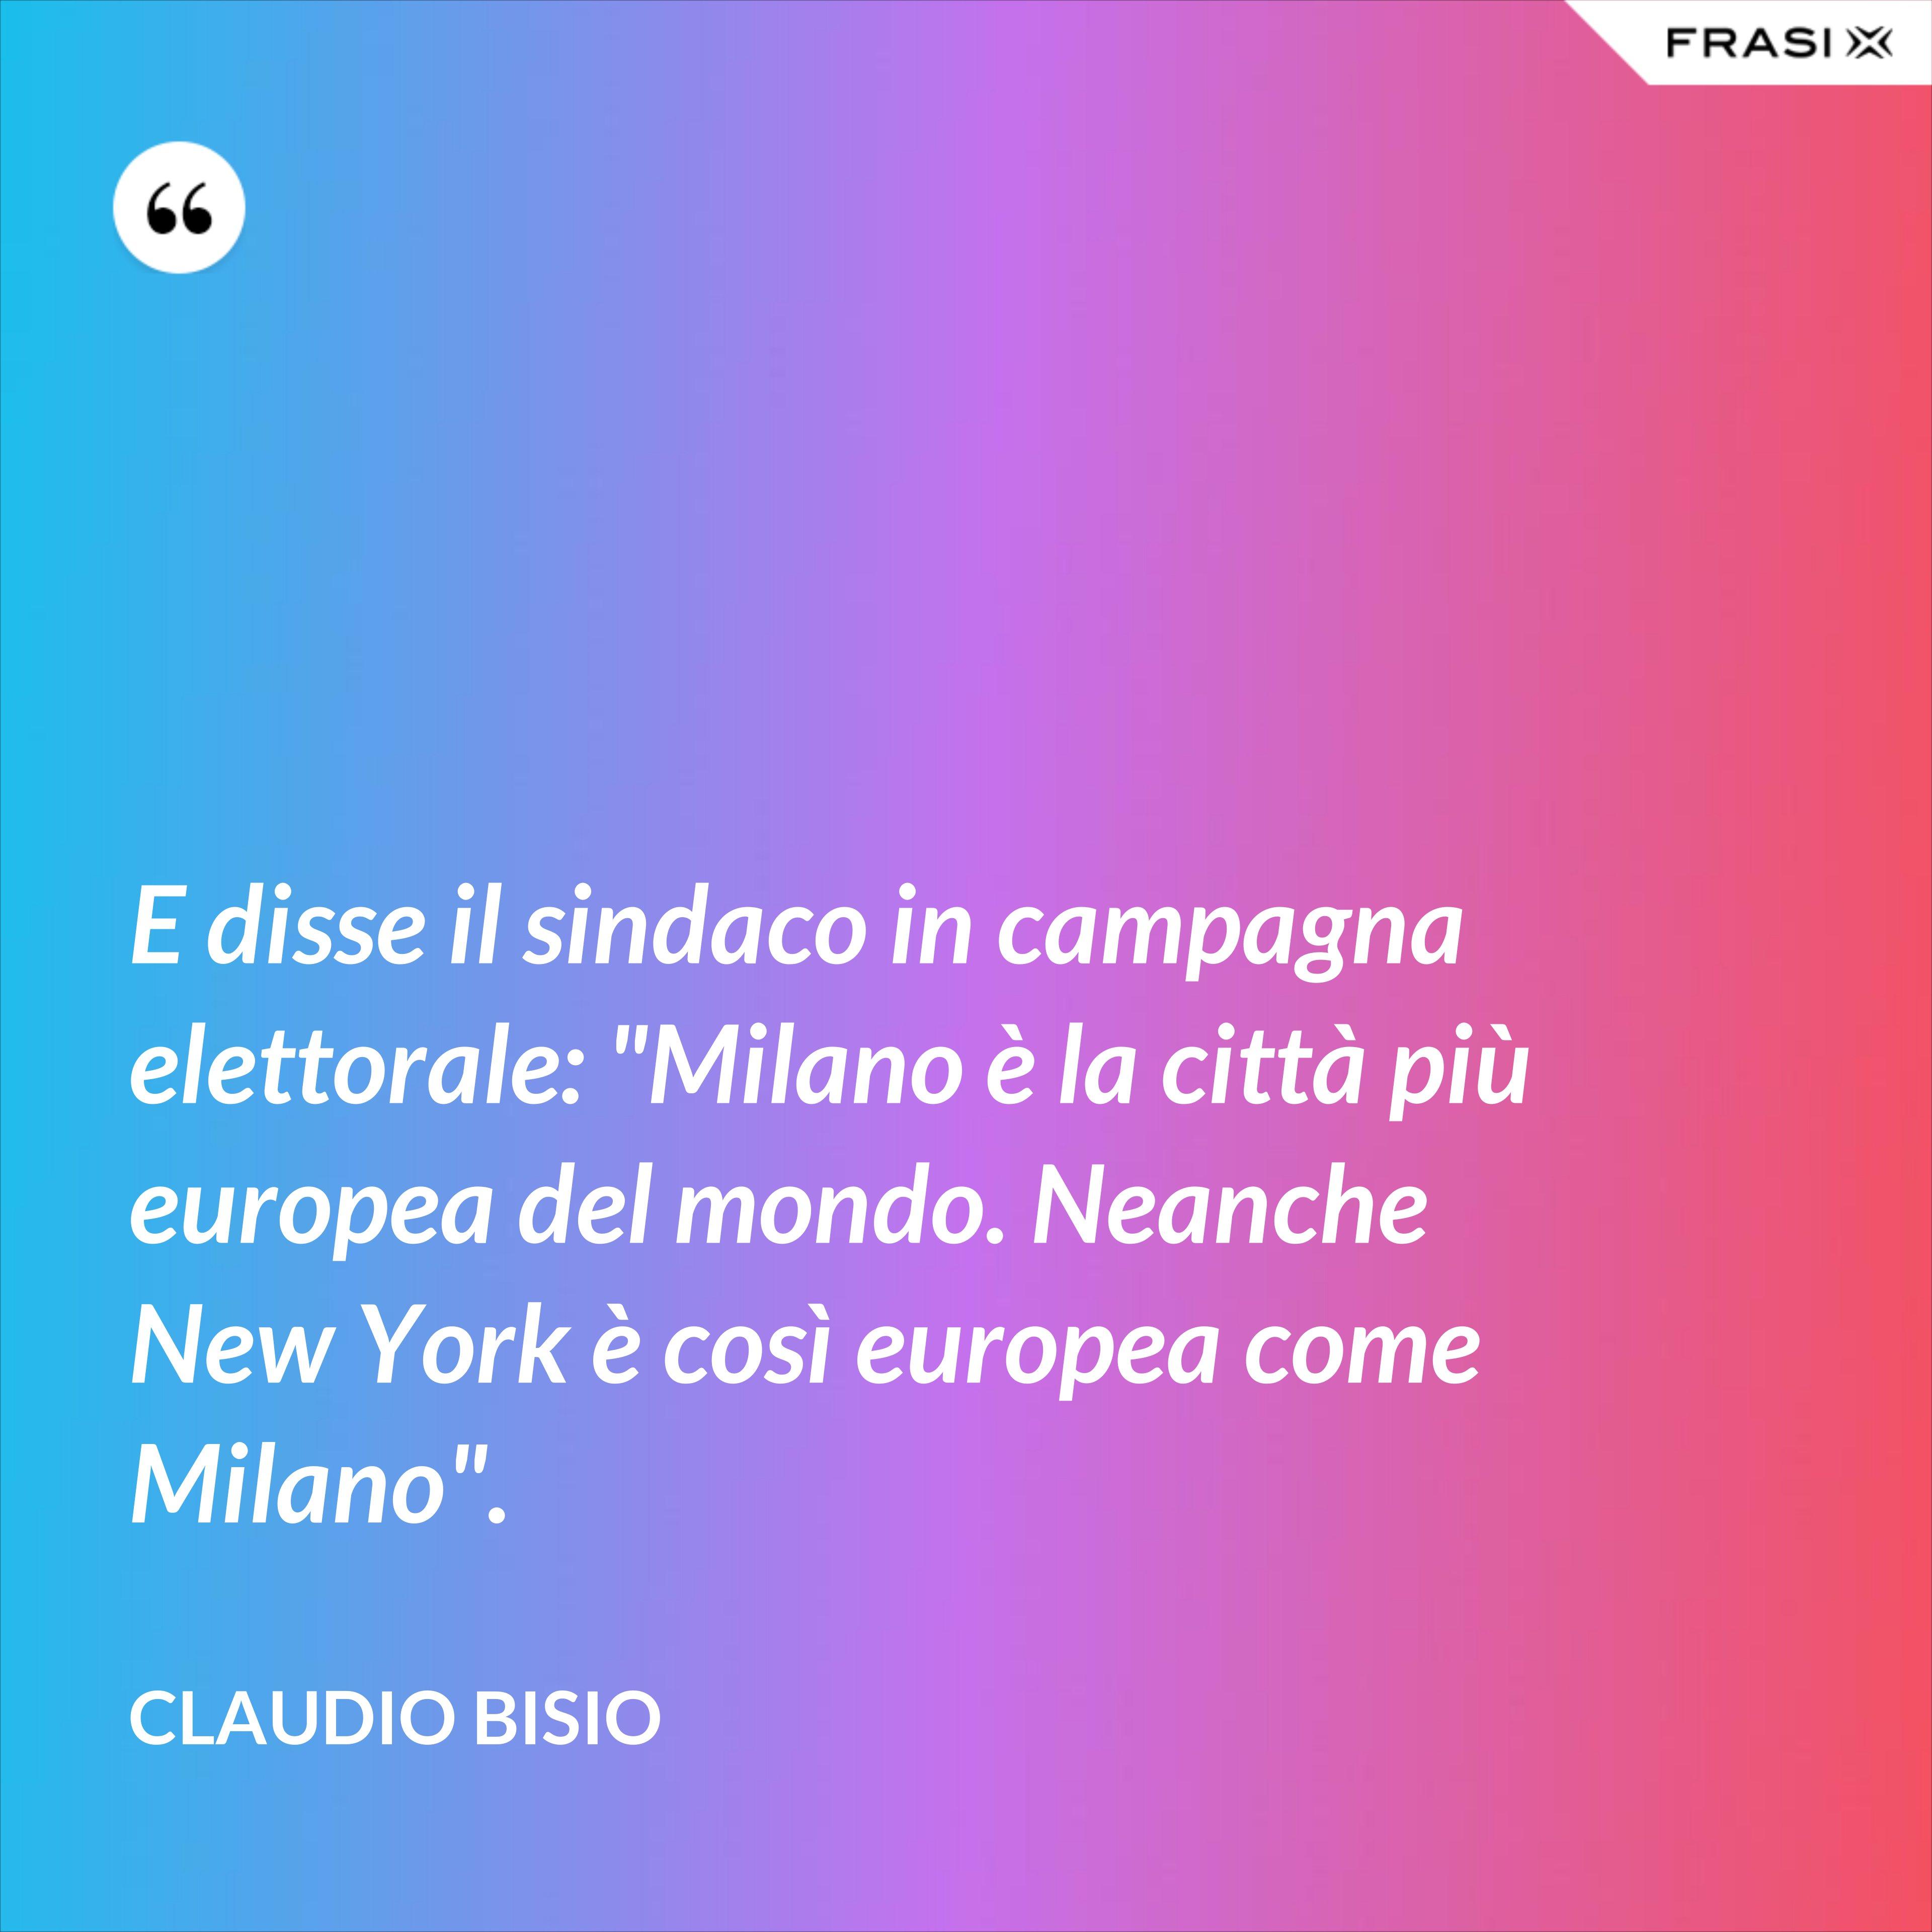 """E disse il sindaco in campagna elettorale: """"Milano è la città più europea del mondo. Neanche New York è così europea come Milano"""". - Claudio Bisio"""